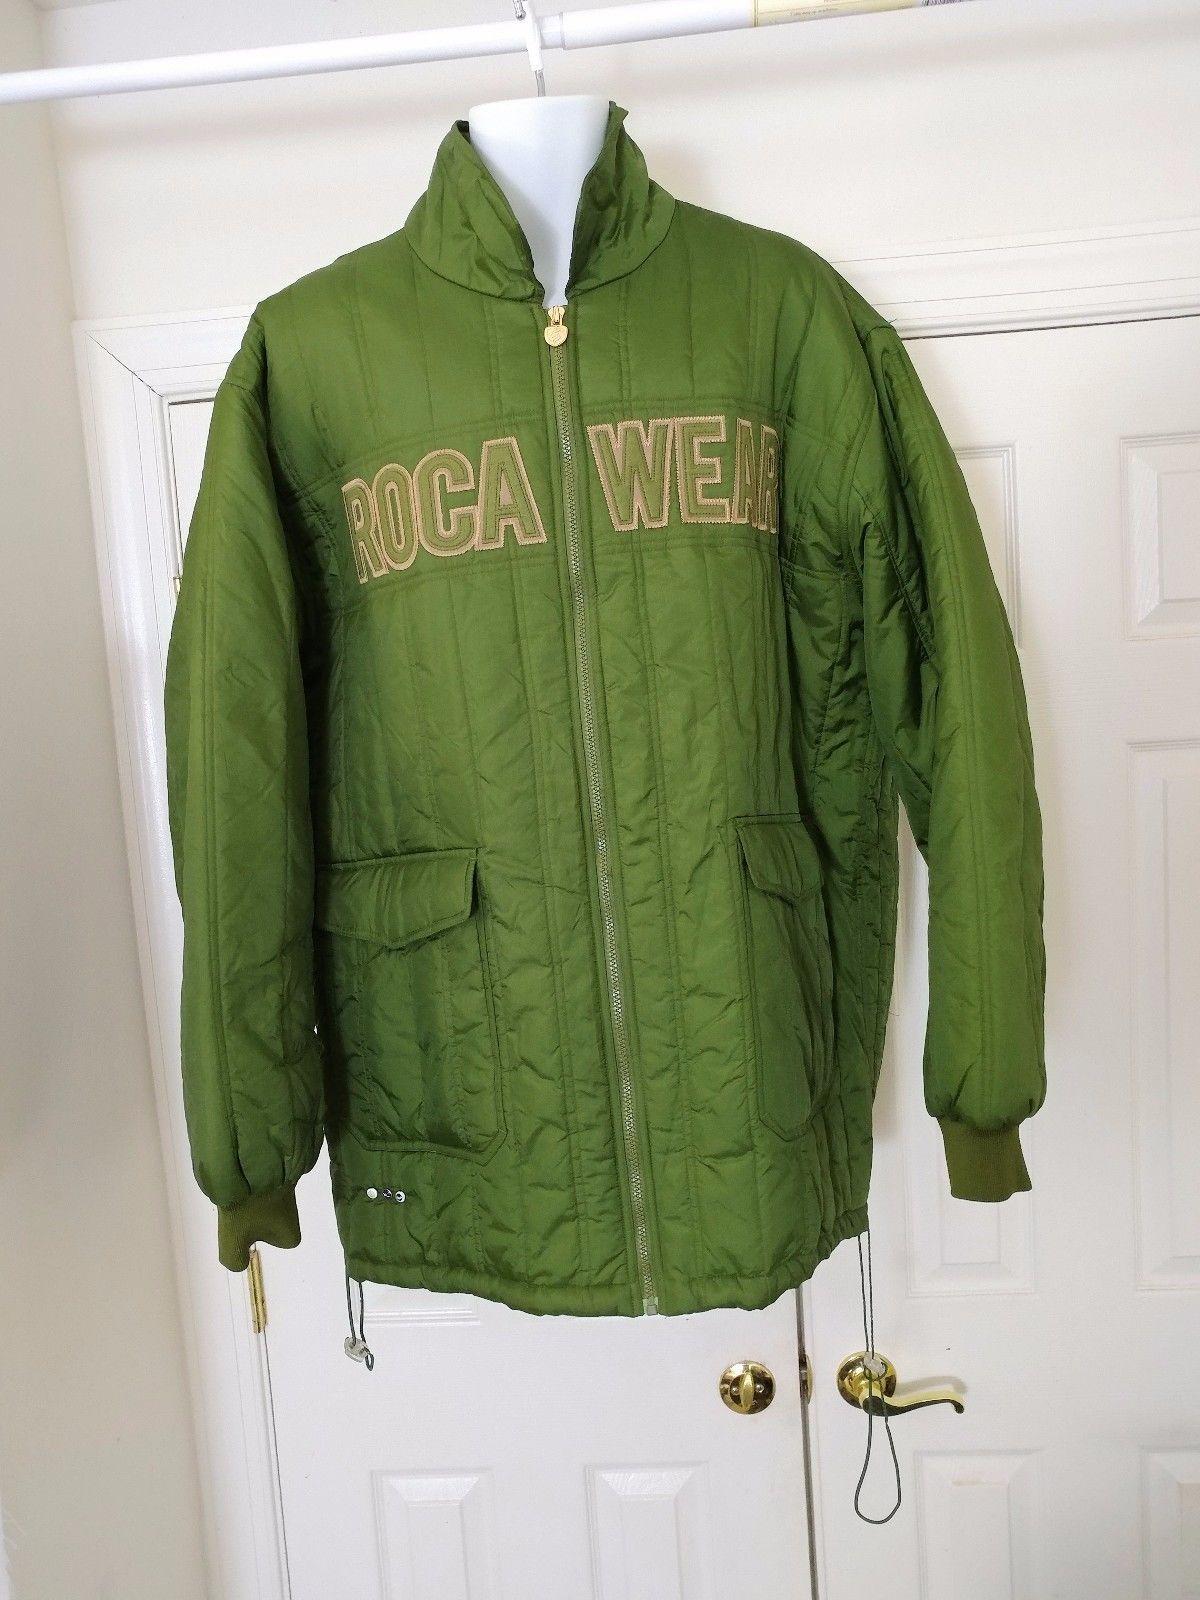 48 99 Rocawear Men S Coat Green Parka Winter Jacket 3xl Hip Hop Rocawear Mens Coat Green Parka Win Men S Coat Winter Coats Jackets Winter Jackets [ 1600 x 1200 Pixel ]